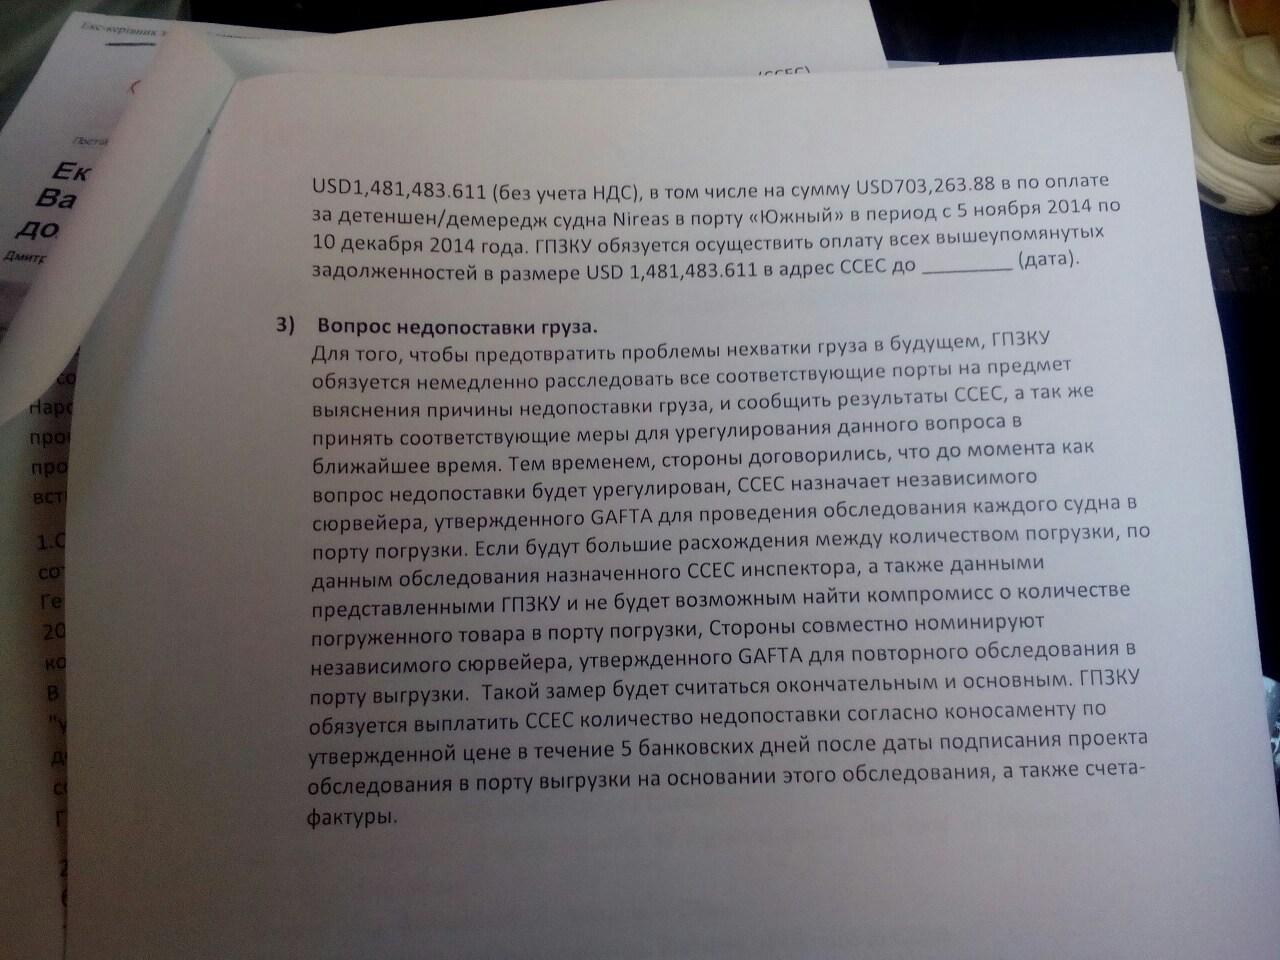 Минагрополитики совместно с ФГИ инициируют приватизацию Государственной продовольственно-зерновой корпорации Украины - Цензор.НЕТ 497